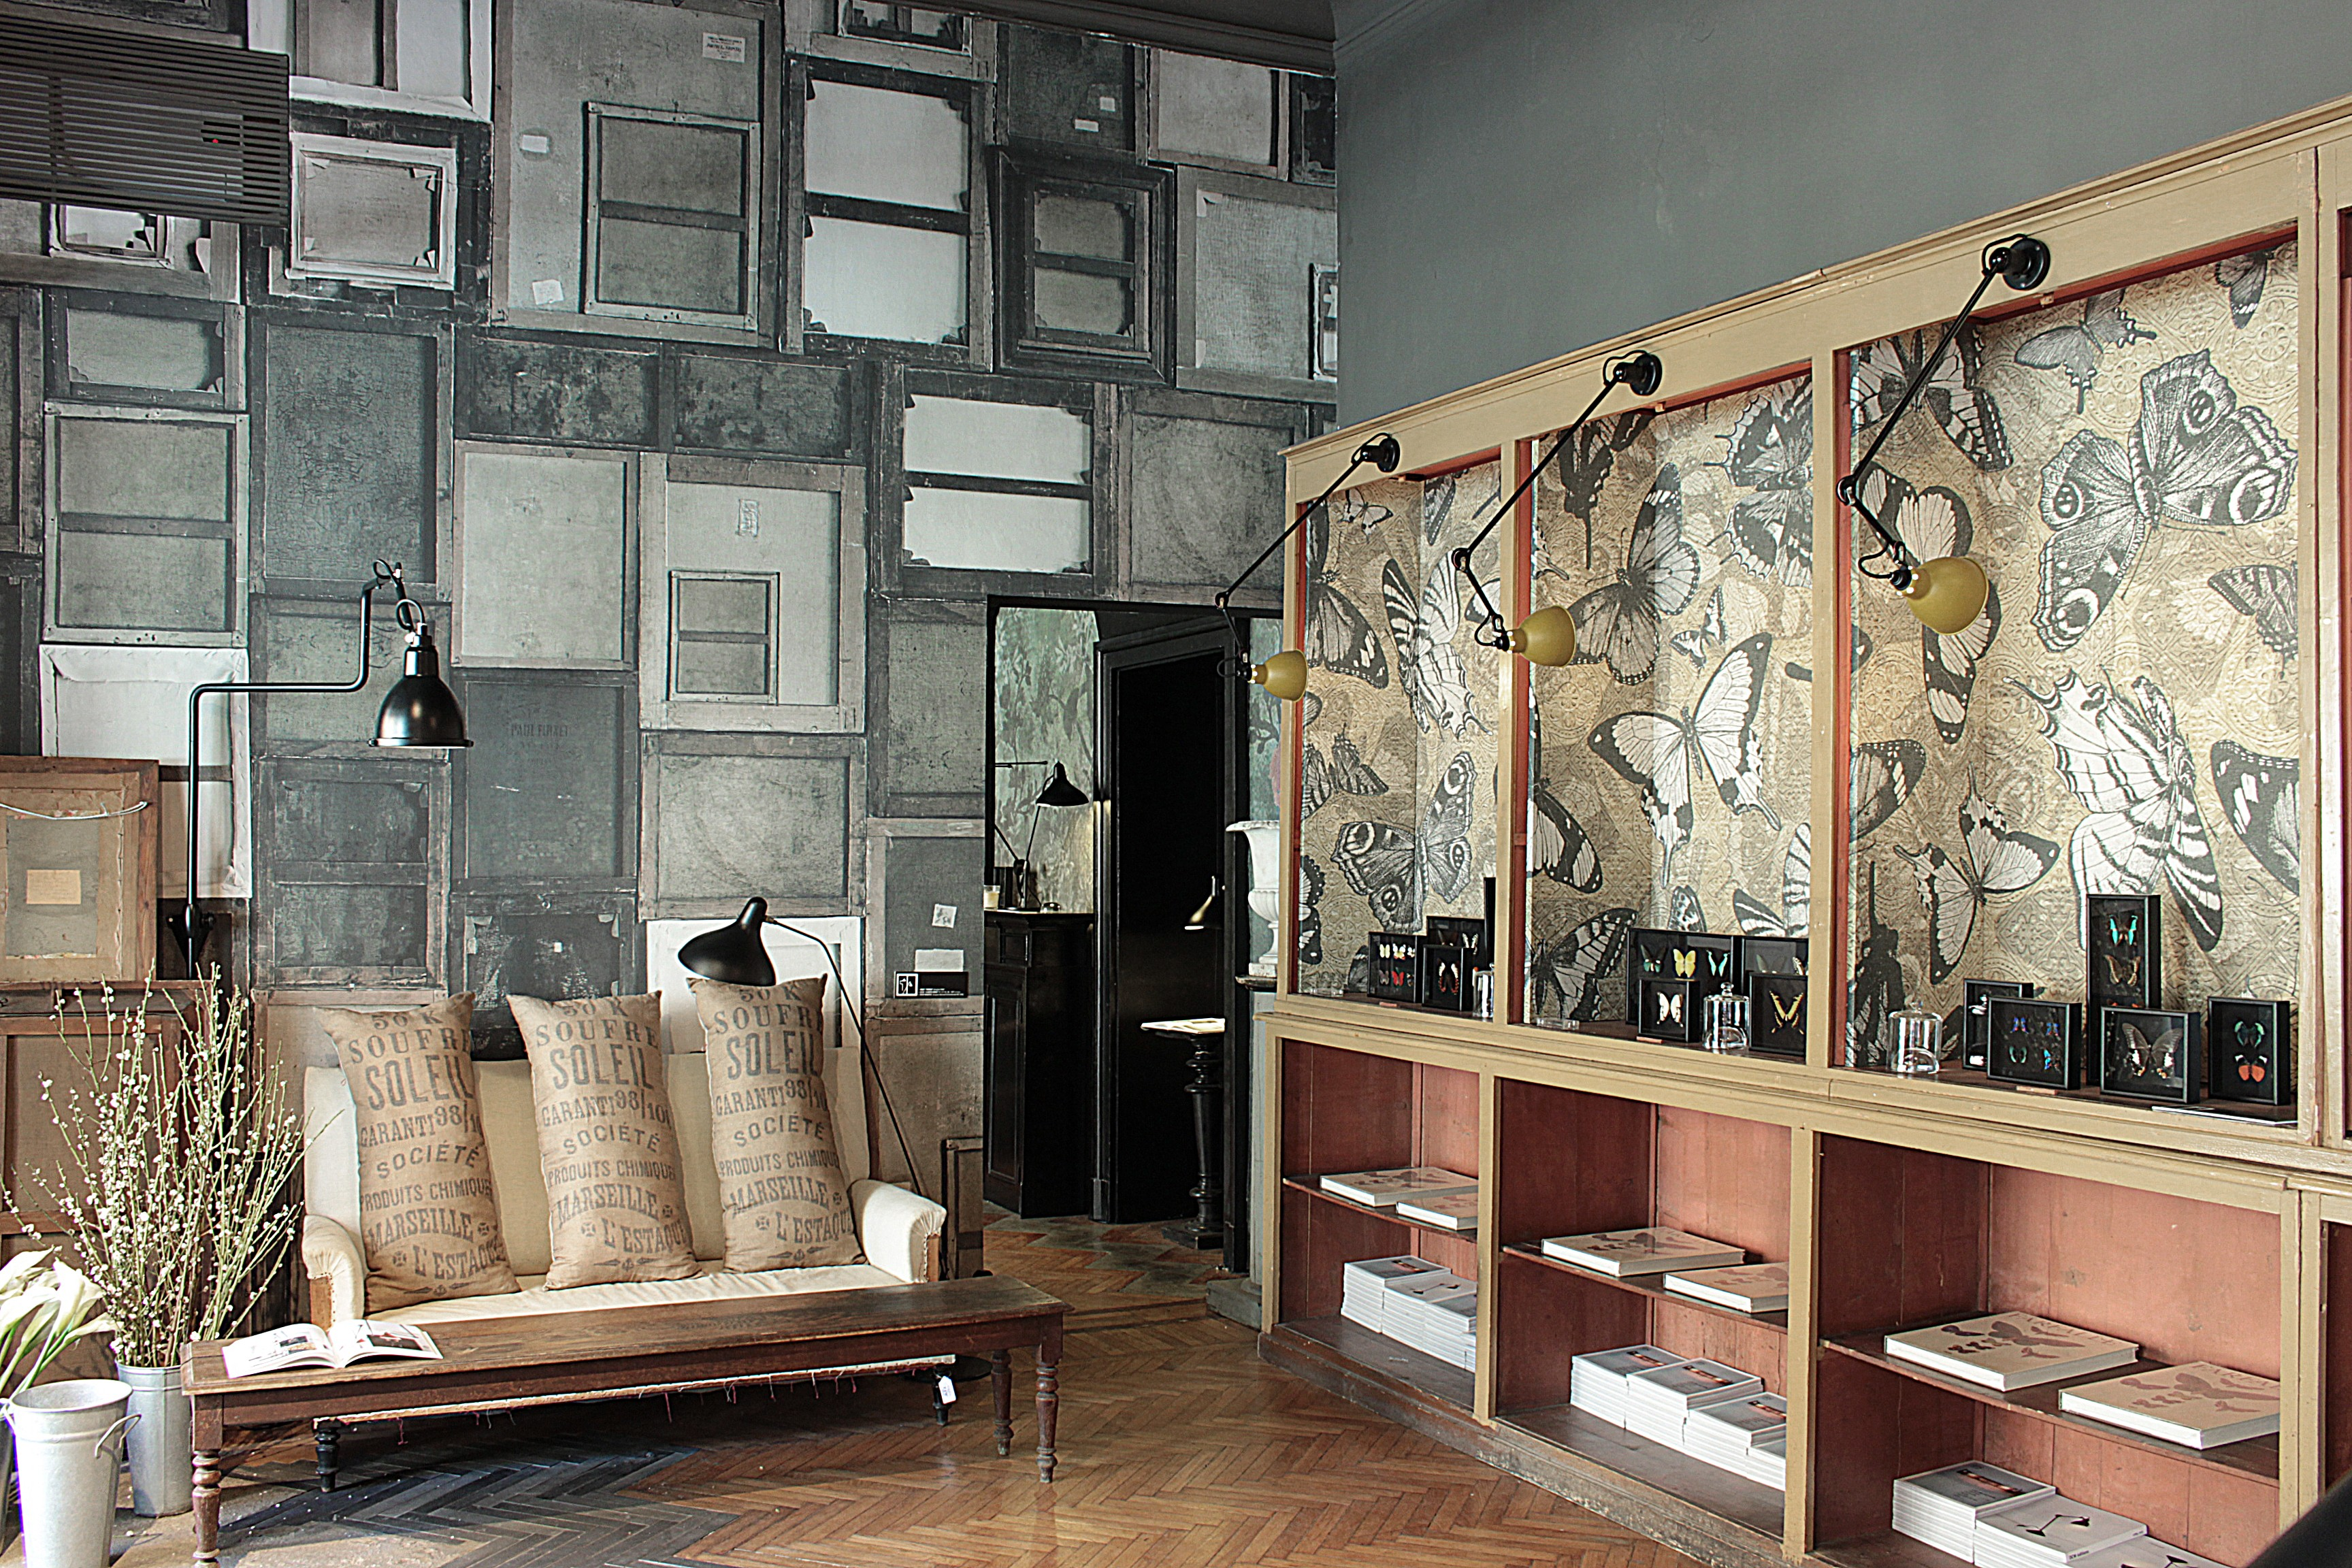 Raw Cabinet de Curiosité, Milano